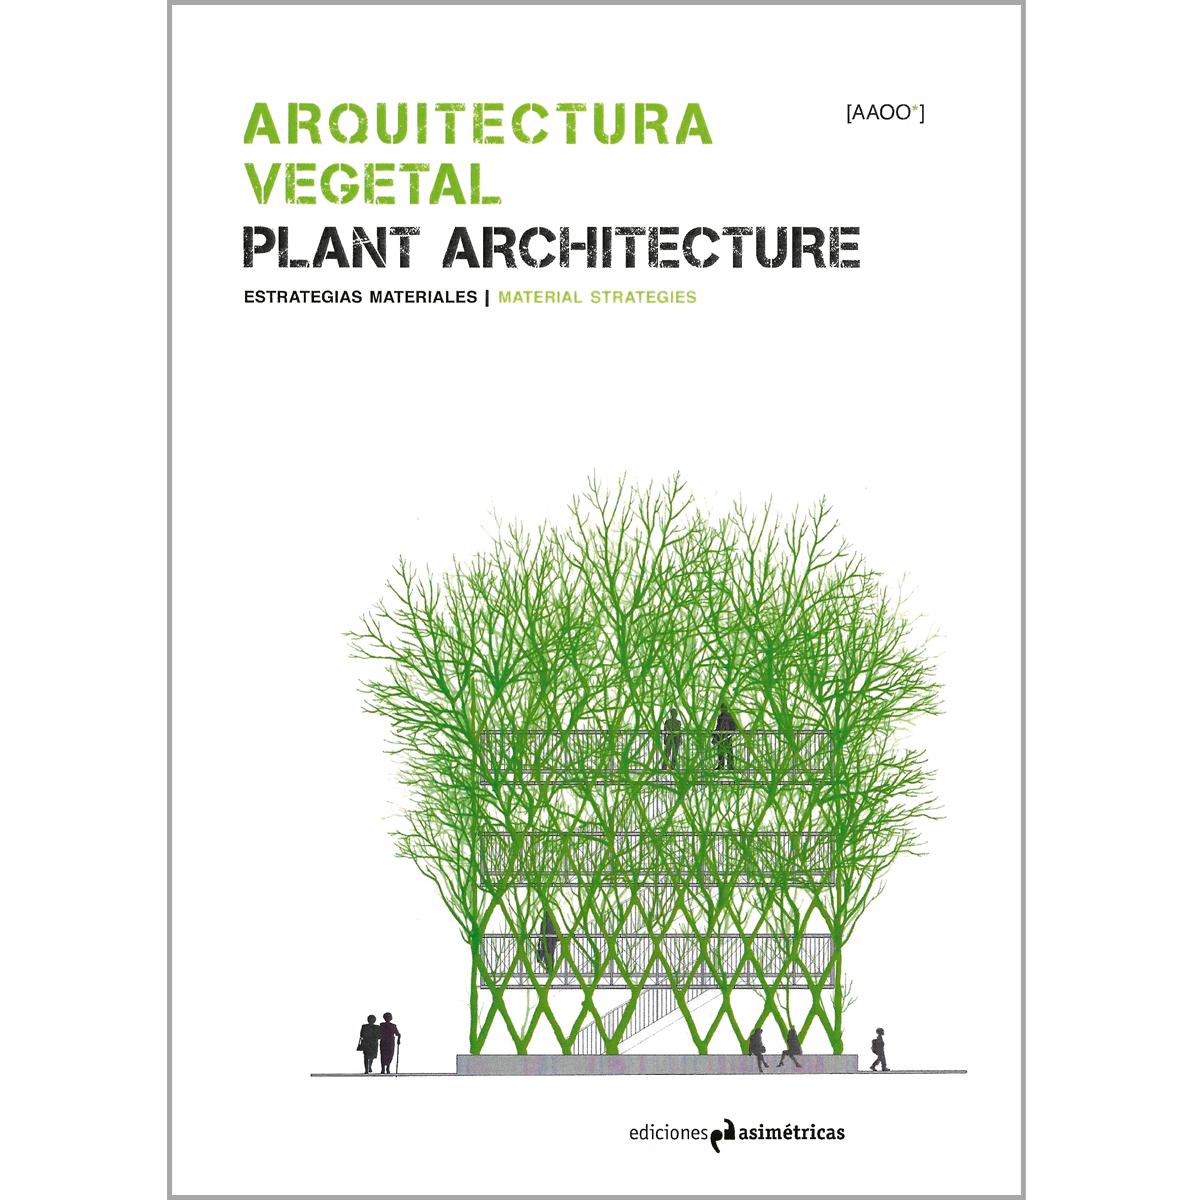 Arquitectura vegetal